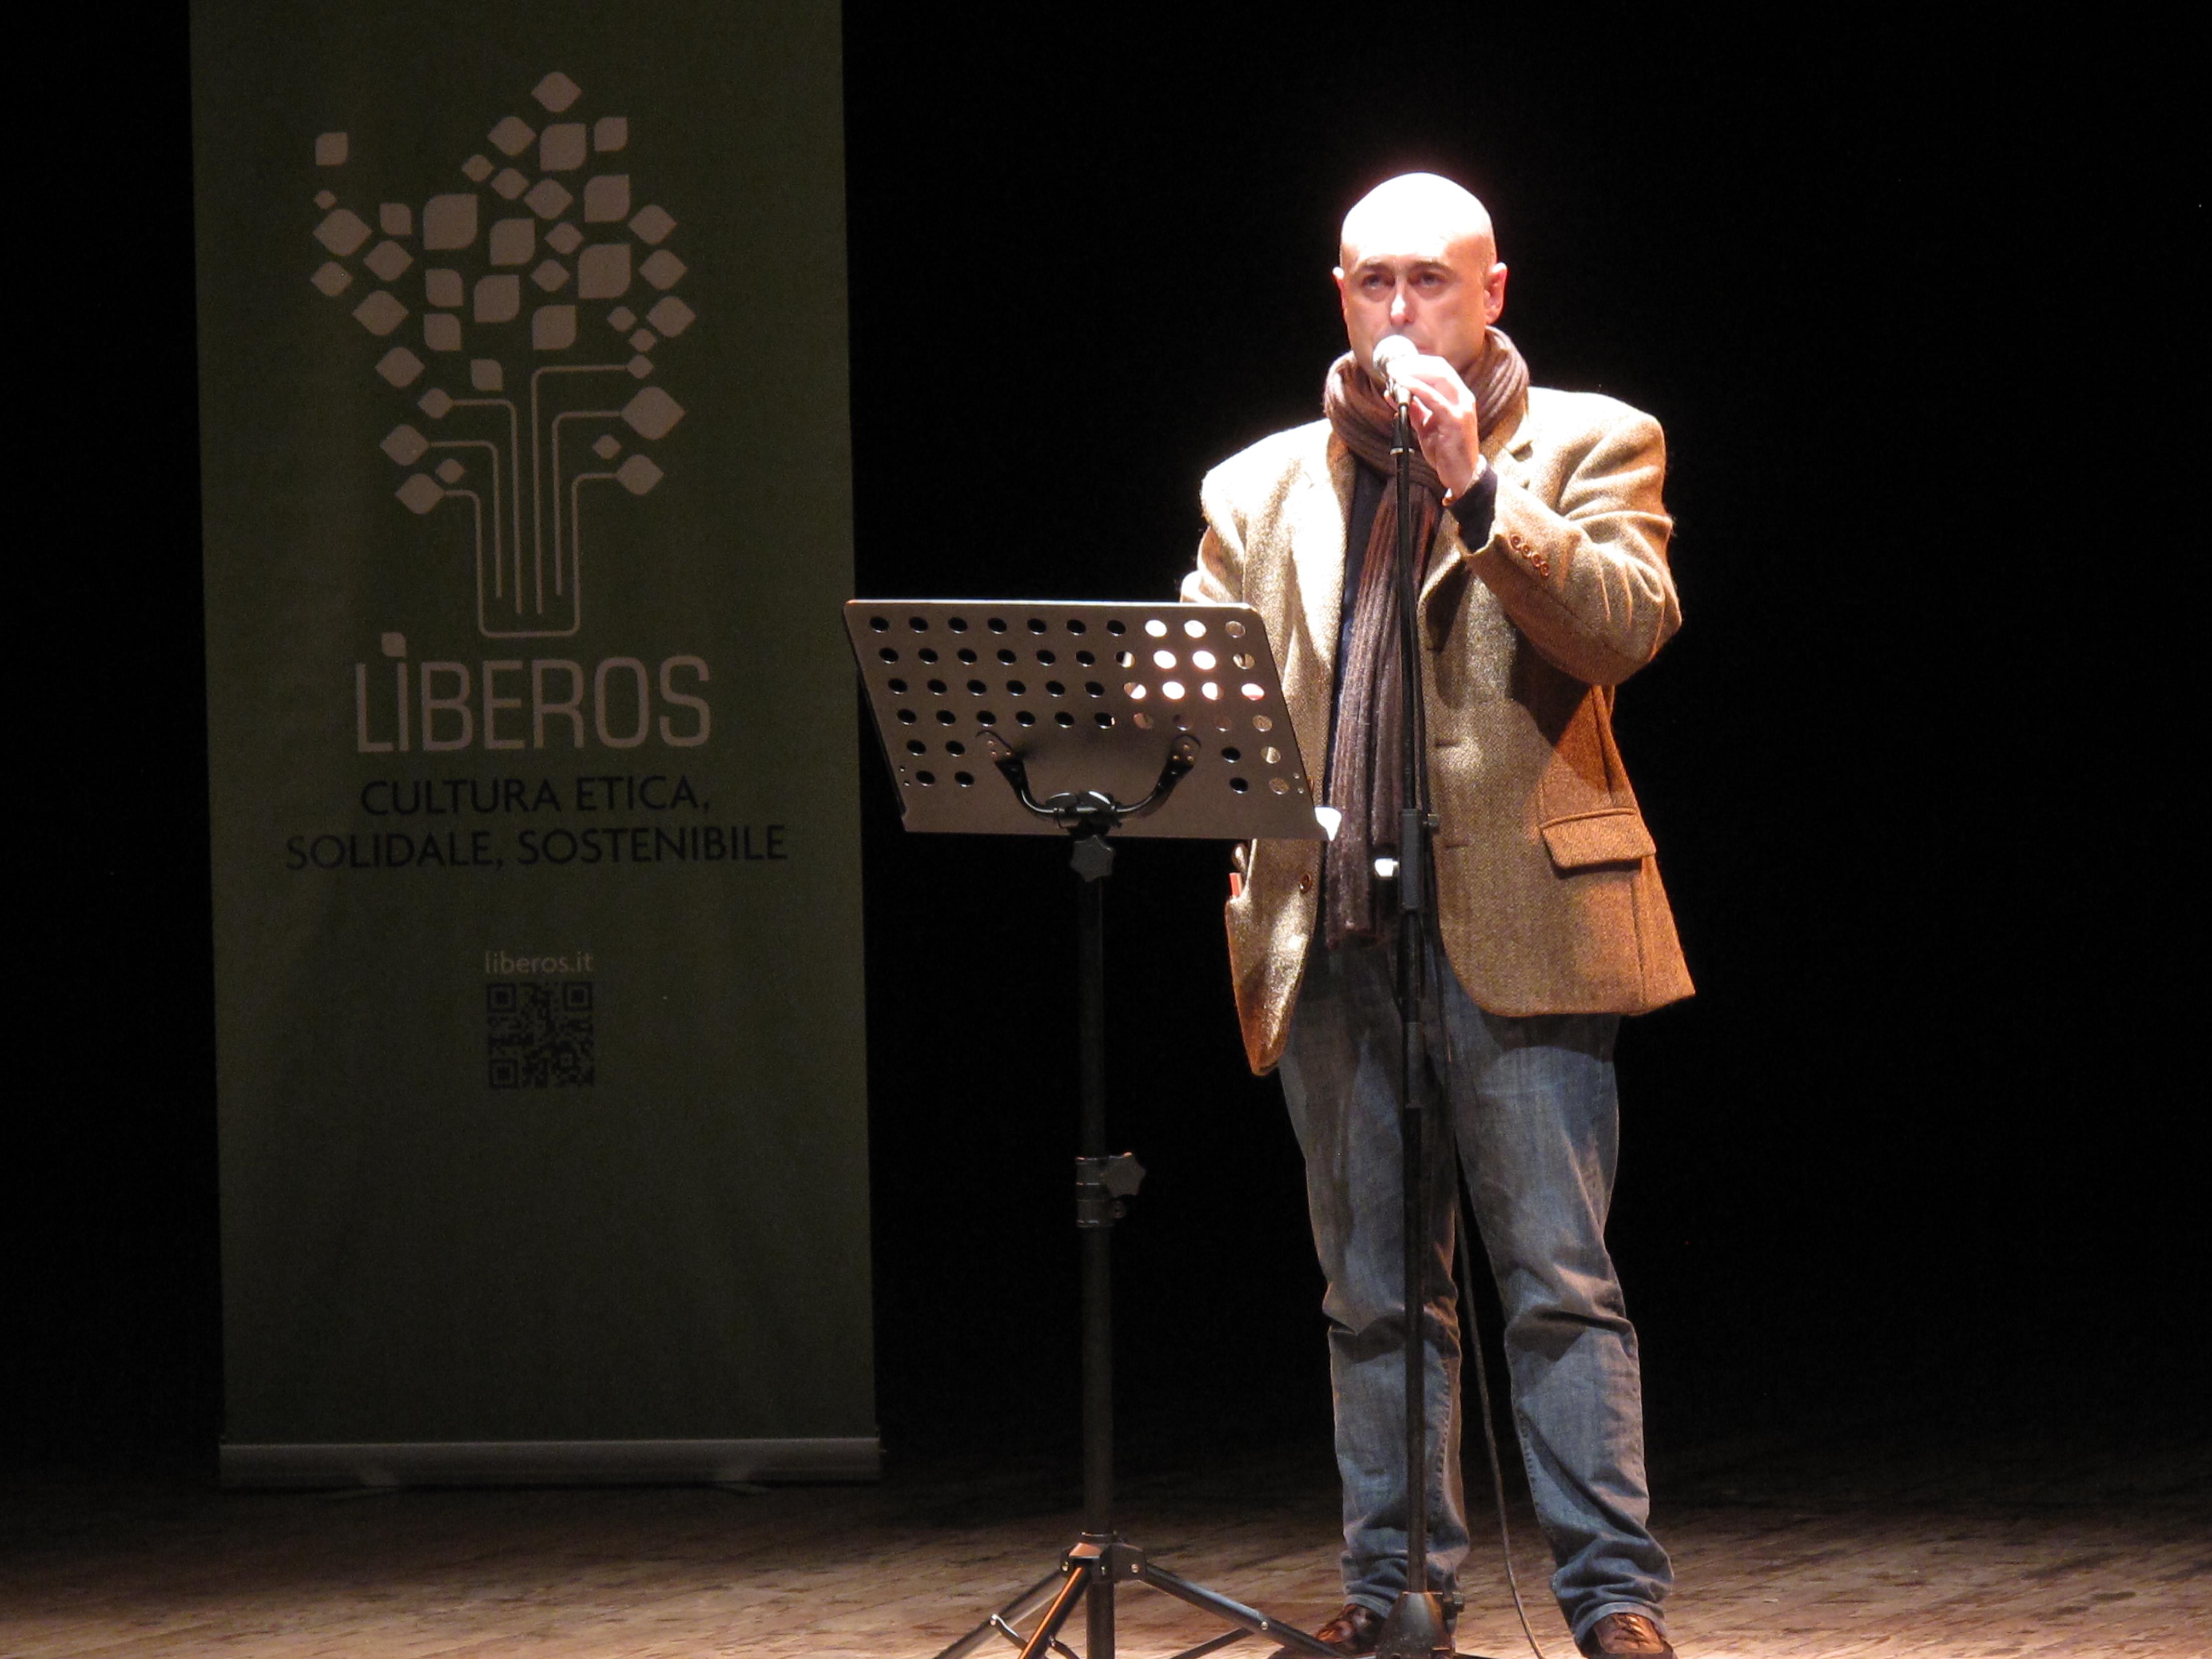 Gli scrittori sardi ricordano Sergio Atzeni, Celestino Tabasso, Teatro Massimo, Cagliari, 11 gennaio 2015